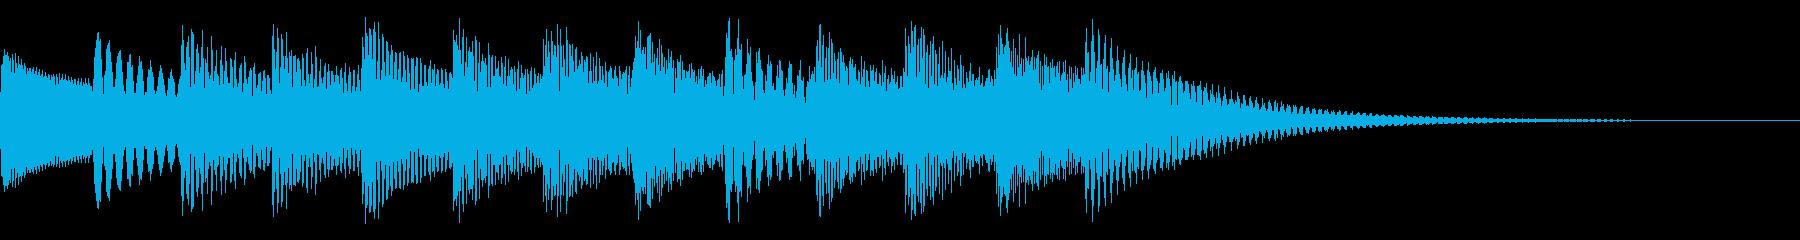 インフォメーションの音楽の再生済みの波形